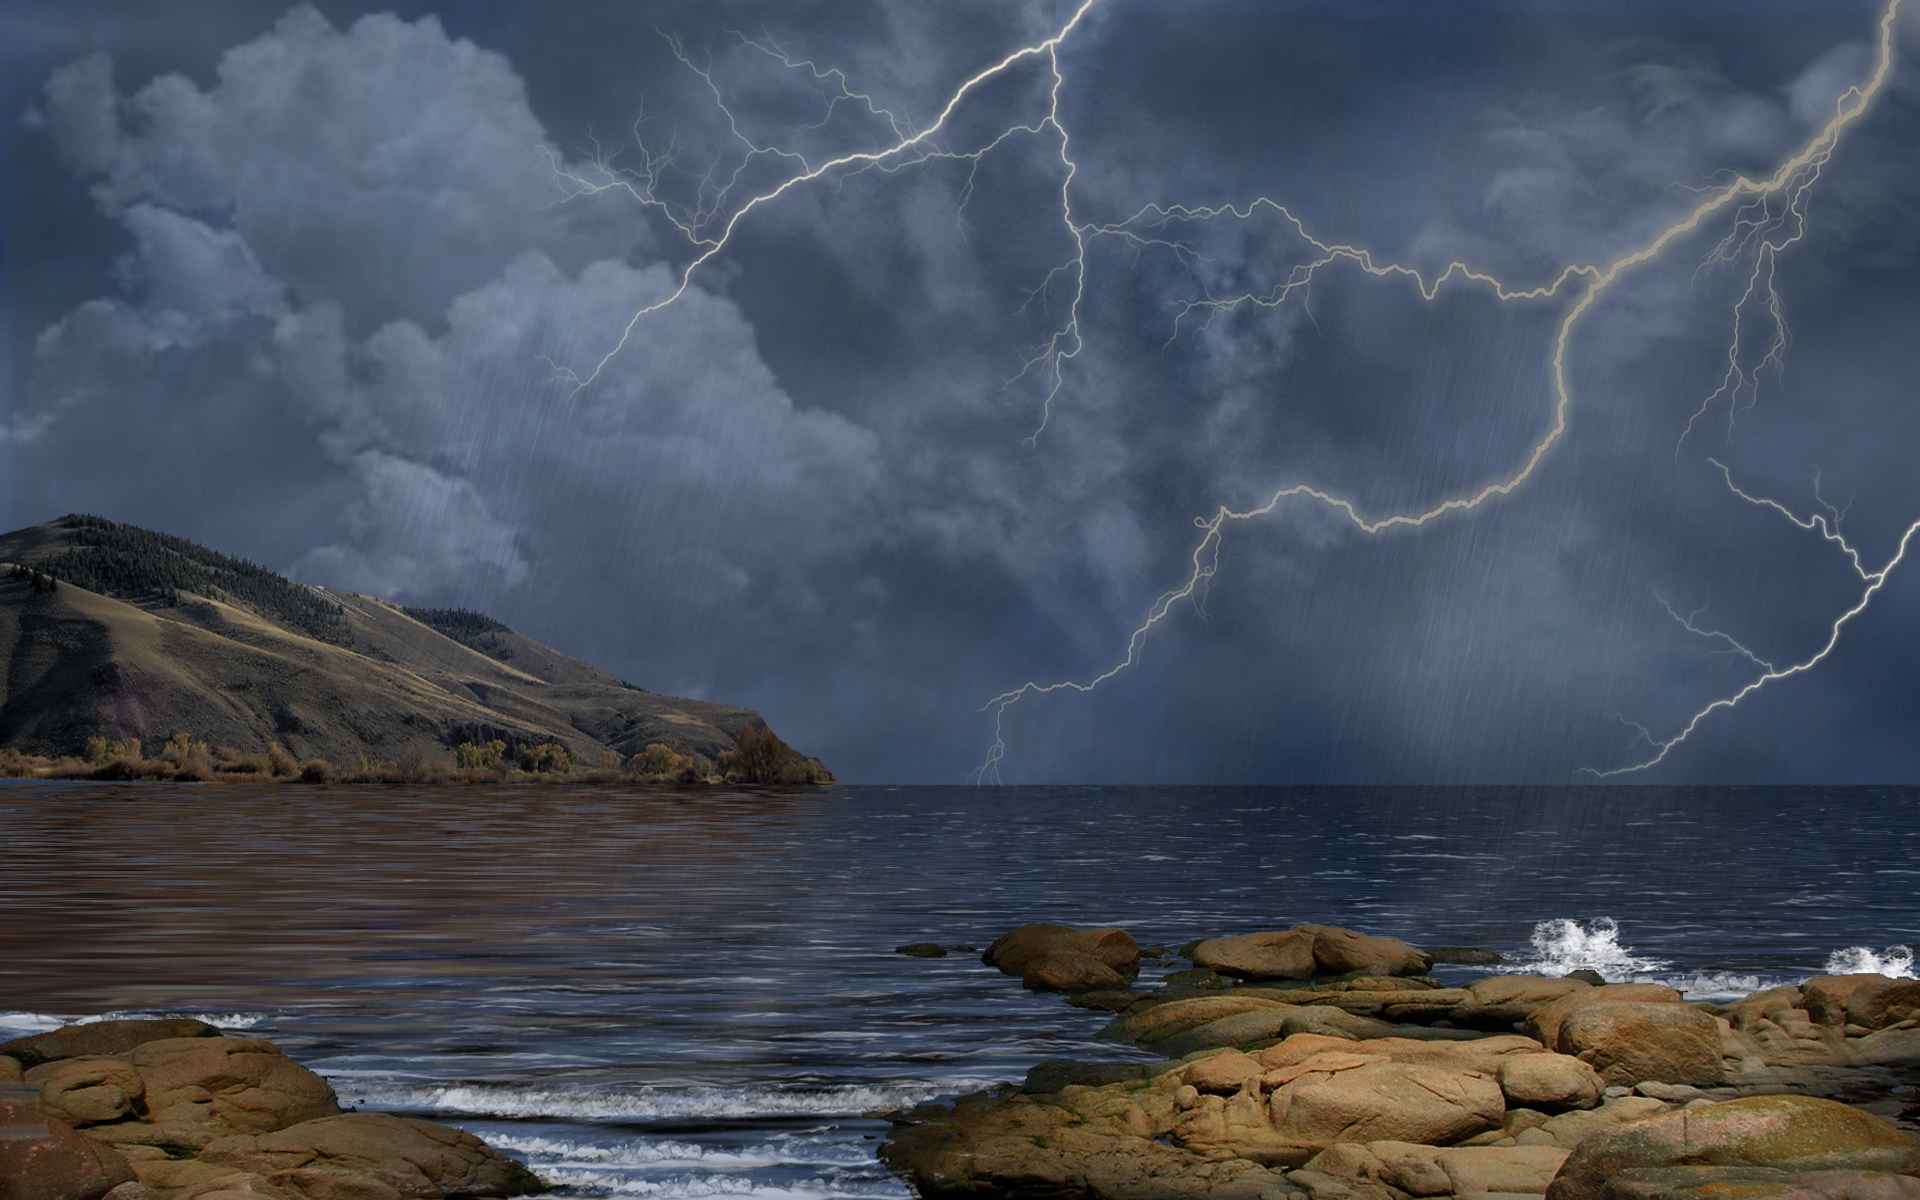 Lightning thunderstorm Landscape Wallpaper Desktop Background ...